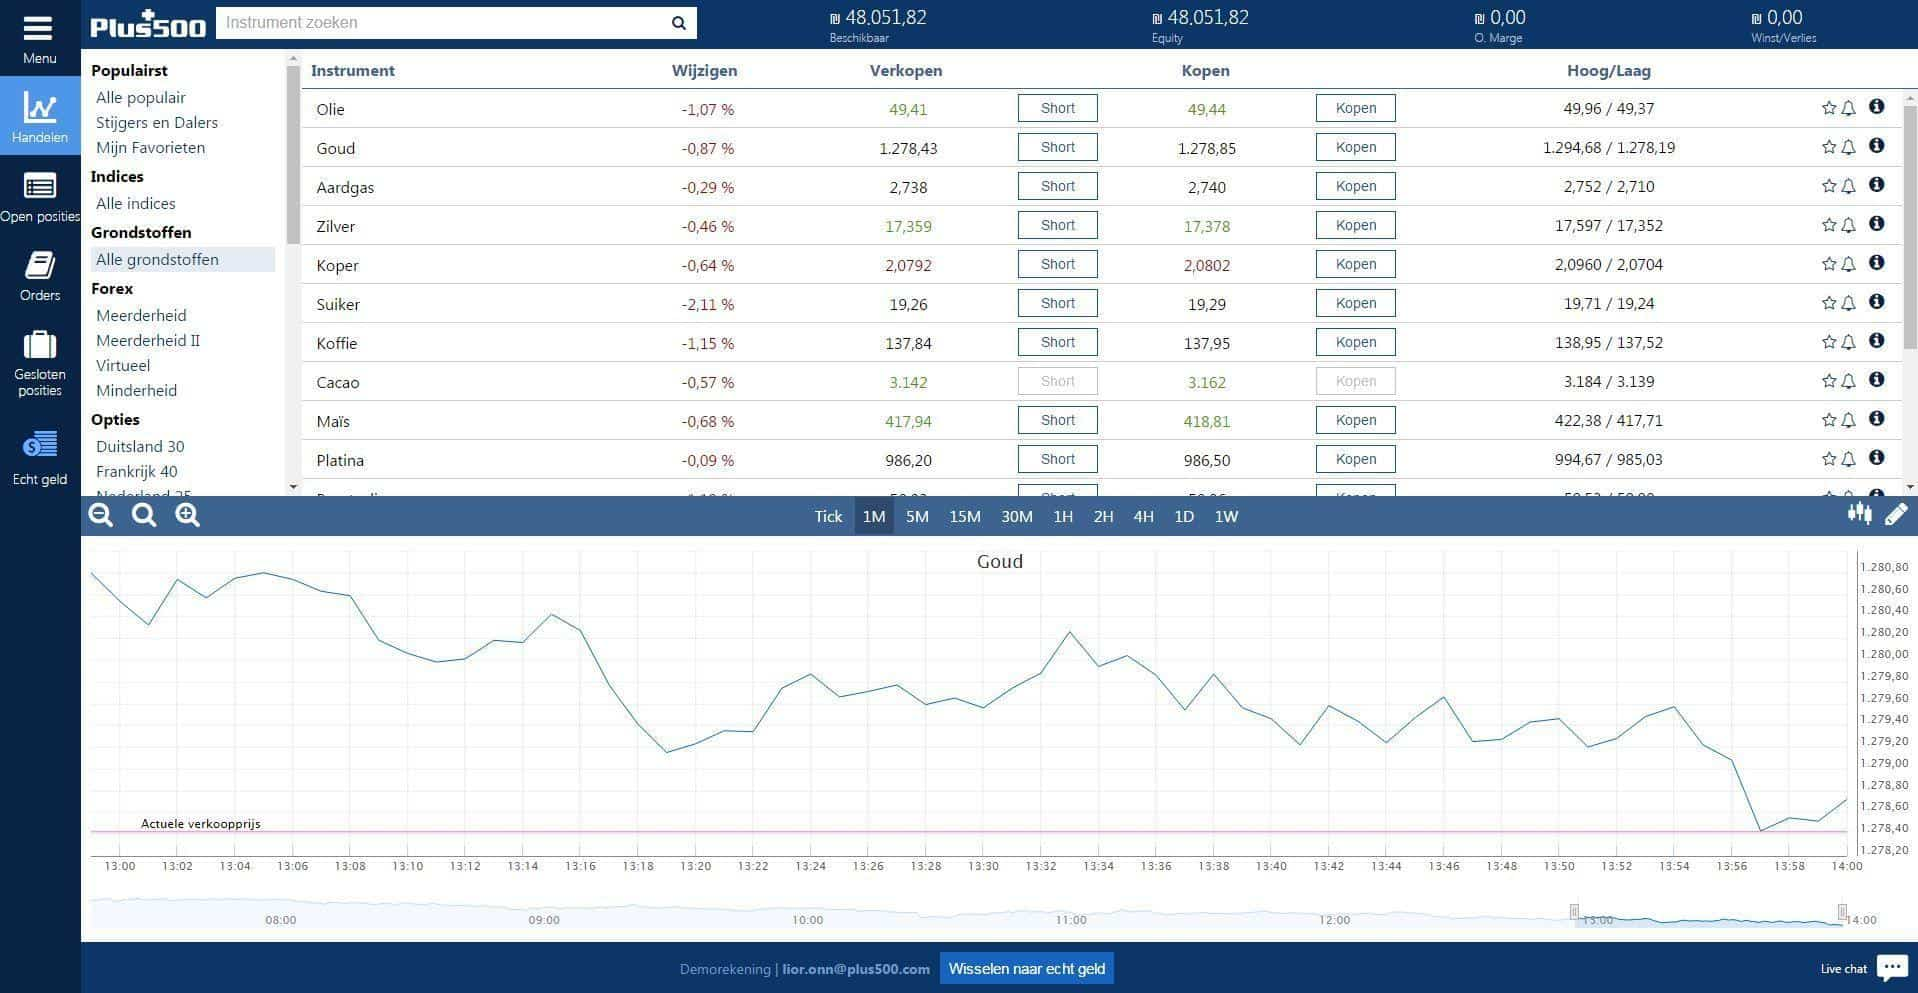 Beste online broker kiezen – mijnbroker.nl